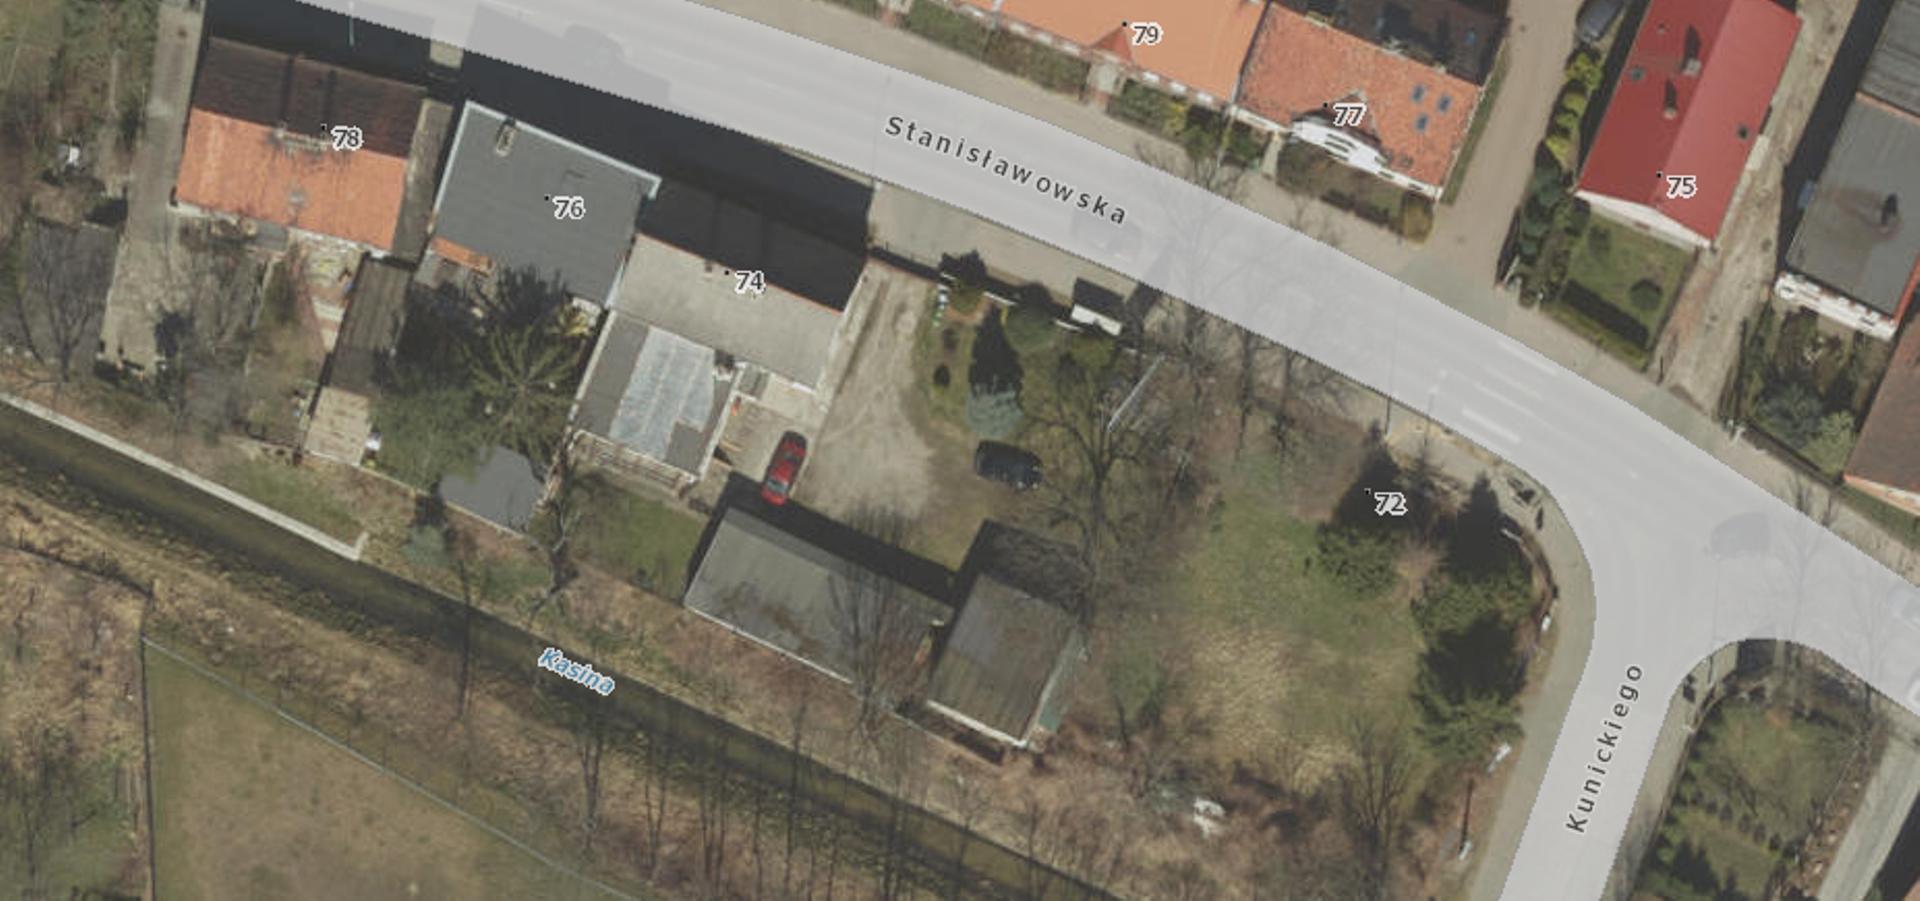 Wrocław: WPB chce znów budować na Muchoborze Wielkim. Konieczne będą wyburzenia